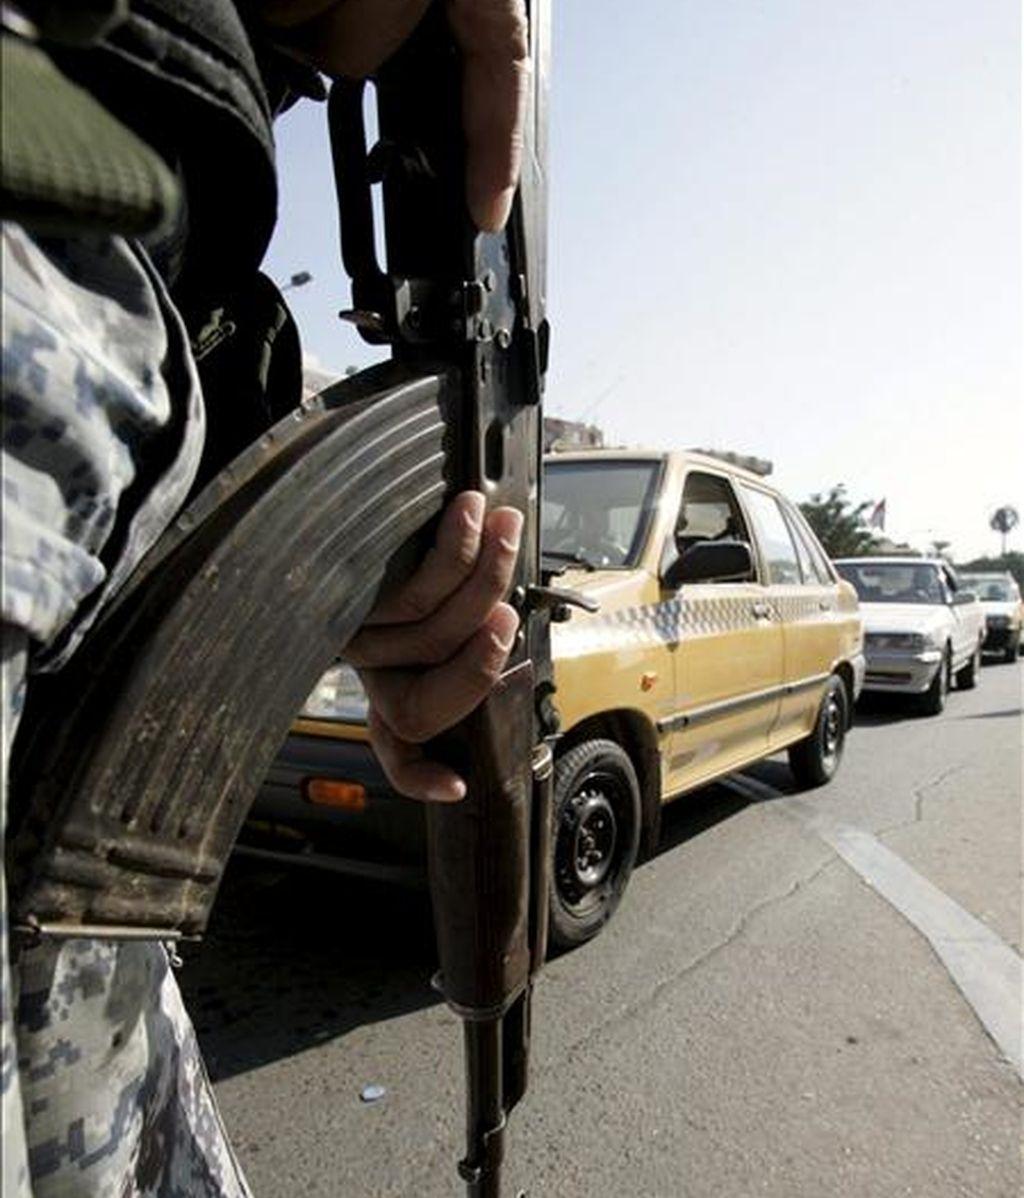 Un policía iraquí hace guardia en un punto de control en el centro de Bagdad, en Irak. EFE/Archivo